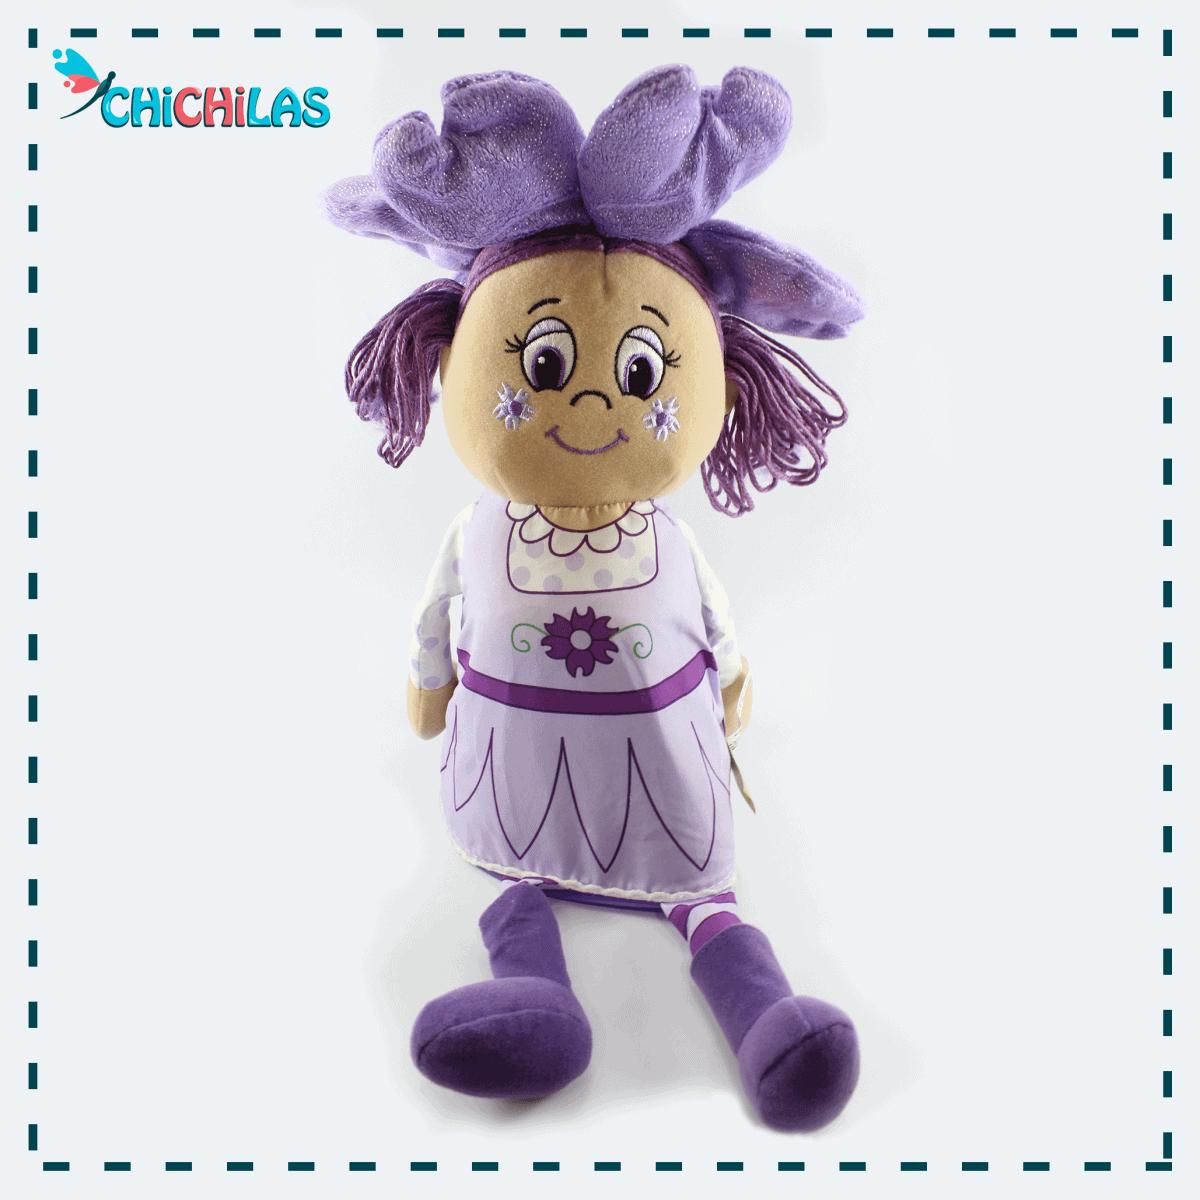 عروسک دختر گلدونی - عروسک دختر گلدانی - عروسک گلدانی - عروسک خارجی - عروسک پولیشی - چیچیلاس - عروسک ولنتاین - خرید عروسک آنلاین